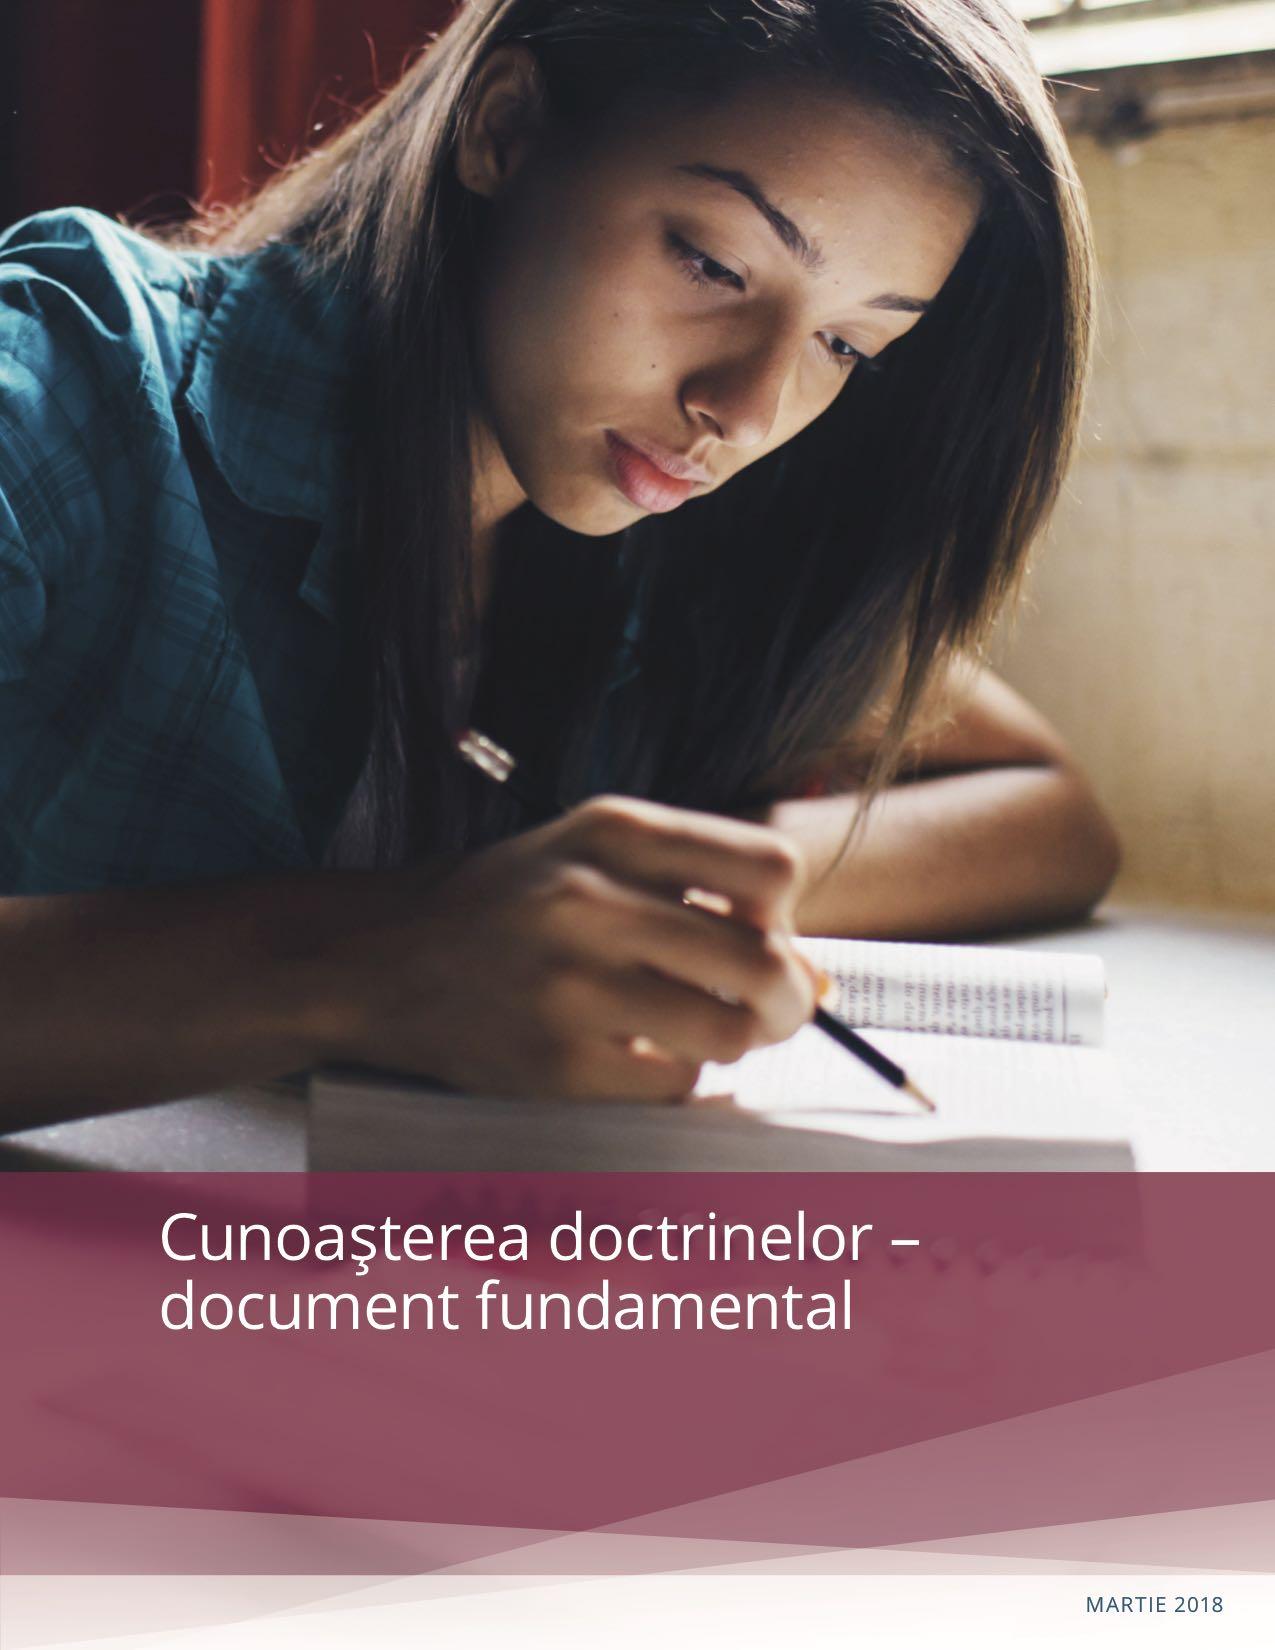 Copertă a manualului Cunoaşterea doctrinelor – document fundamental